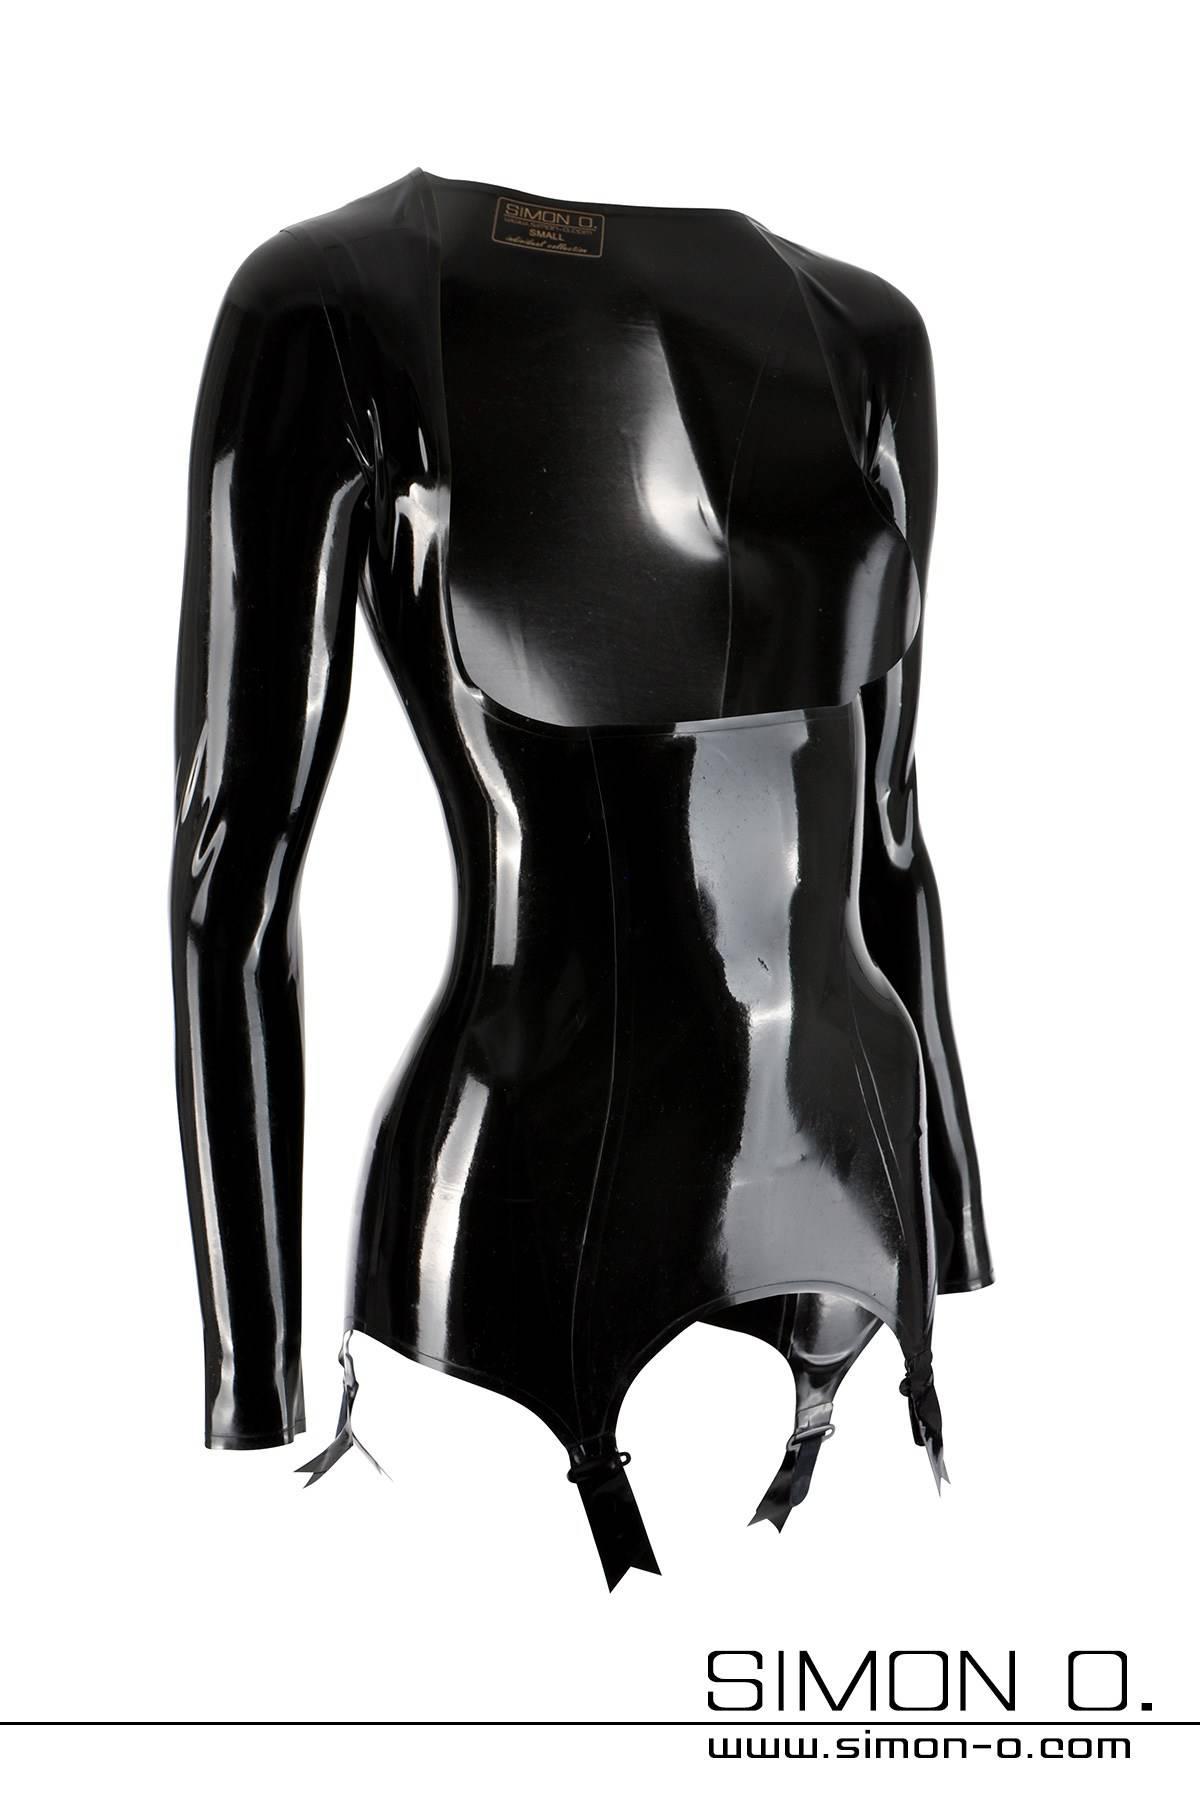 Sexy Latex Torselett. Brustfrei mit langen Armen und 4 Strapshaltern.Qualitativ sehr hochwertige und liebervolle Verarbeitung bis ins Detail. …